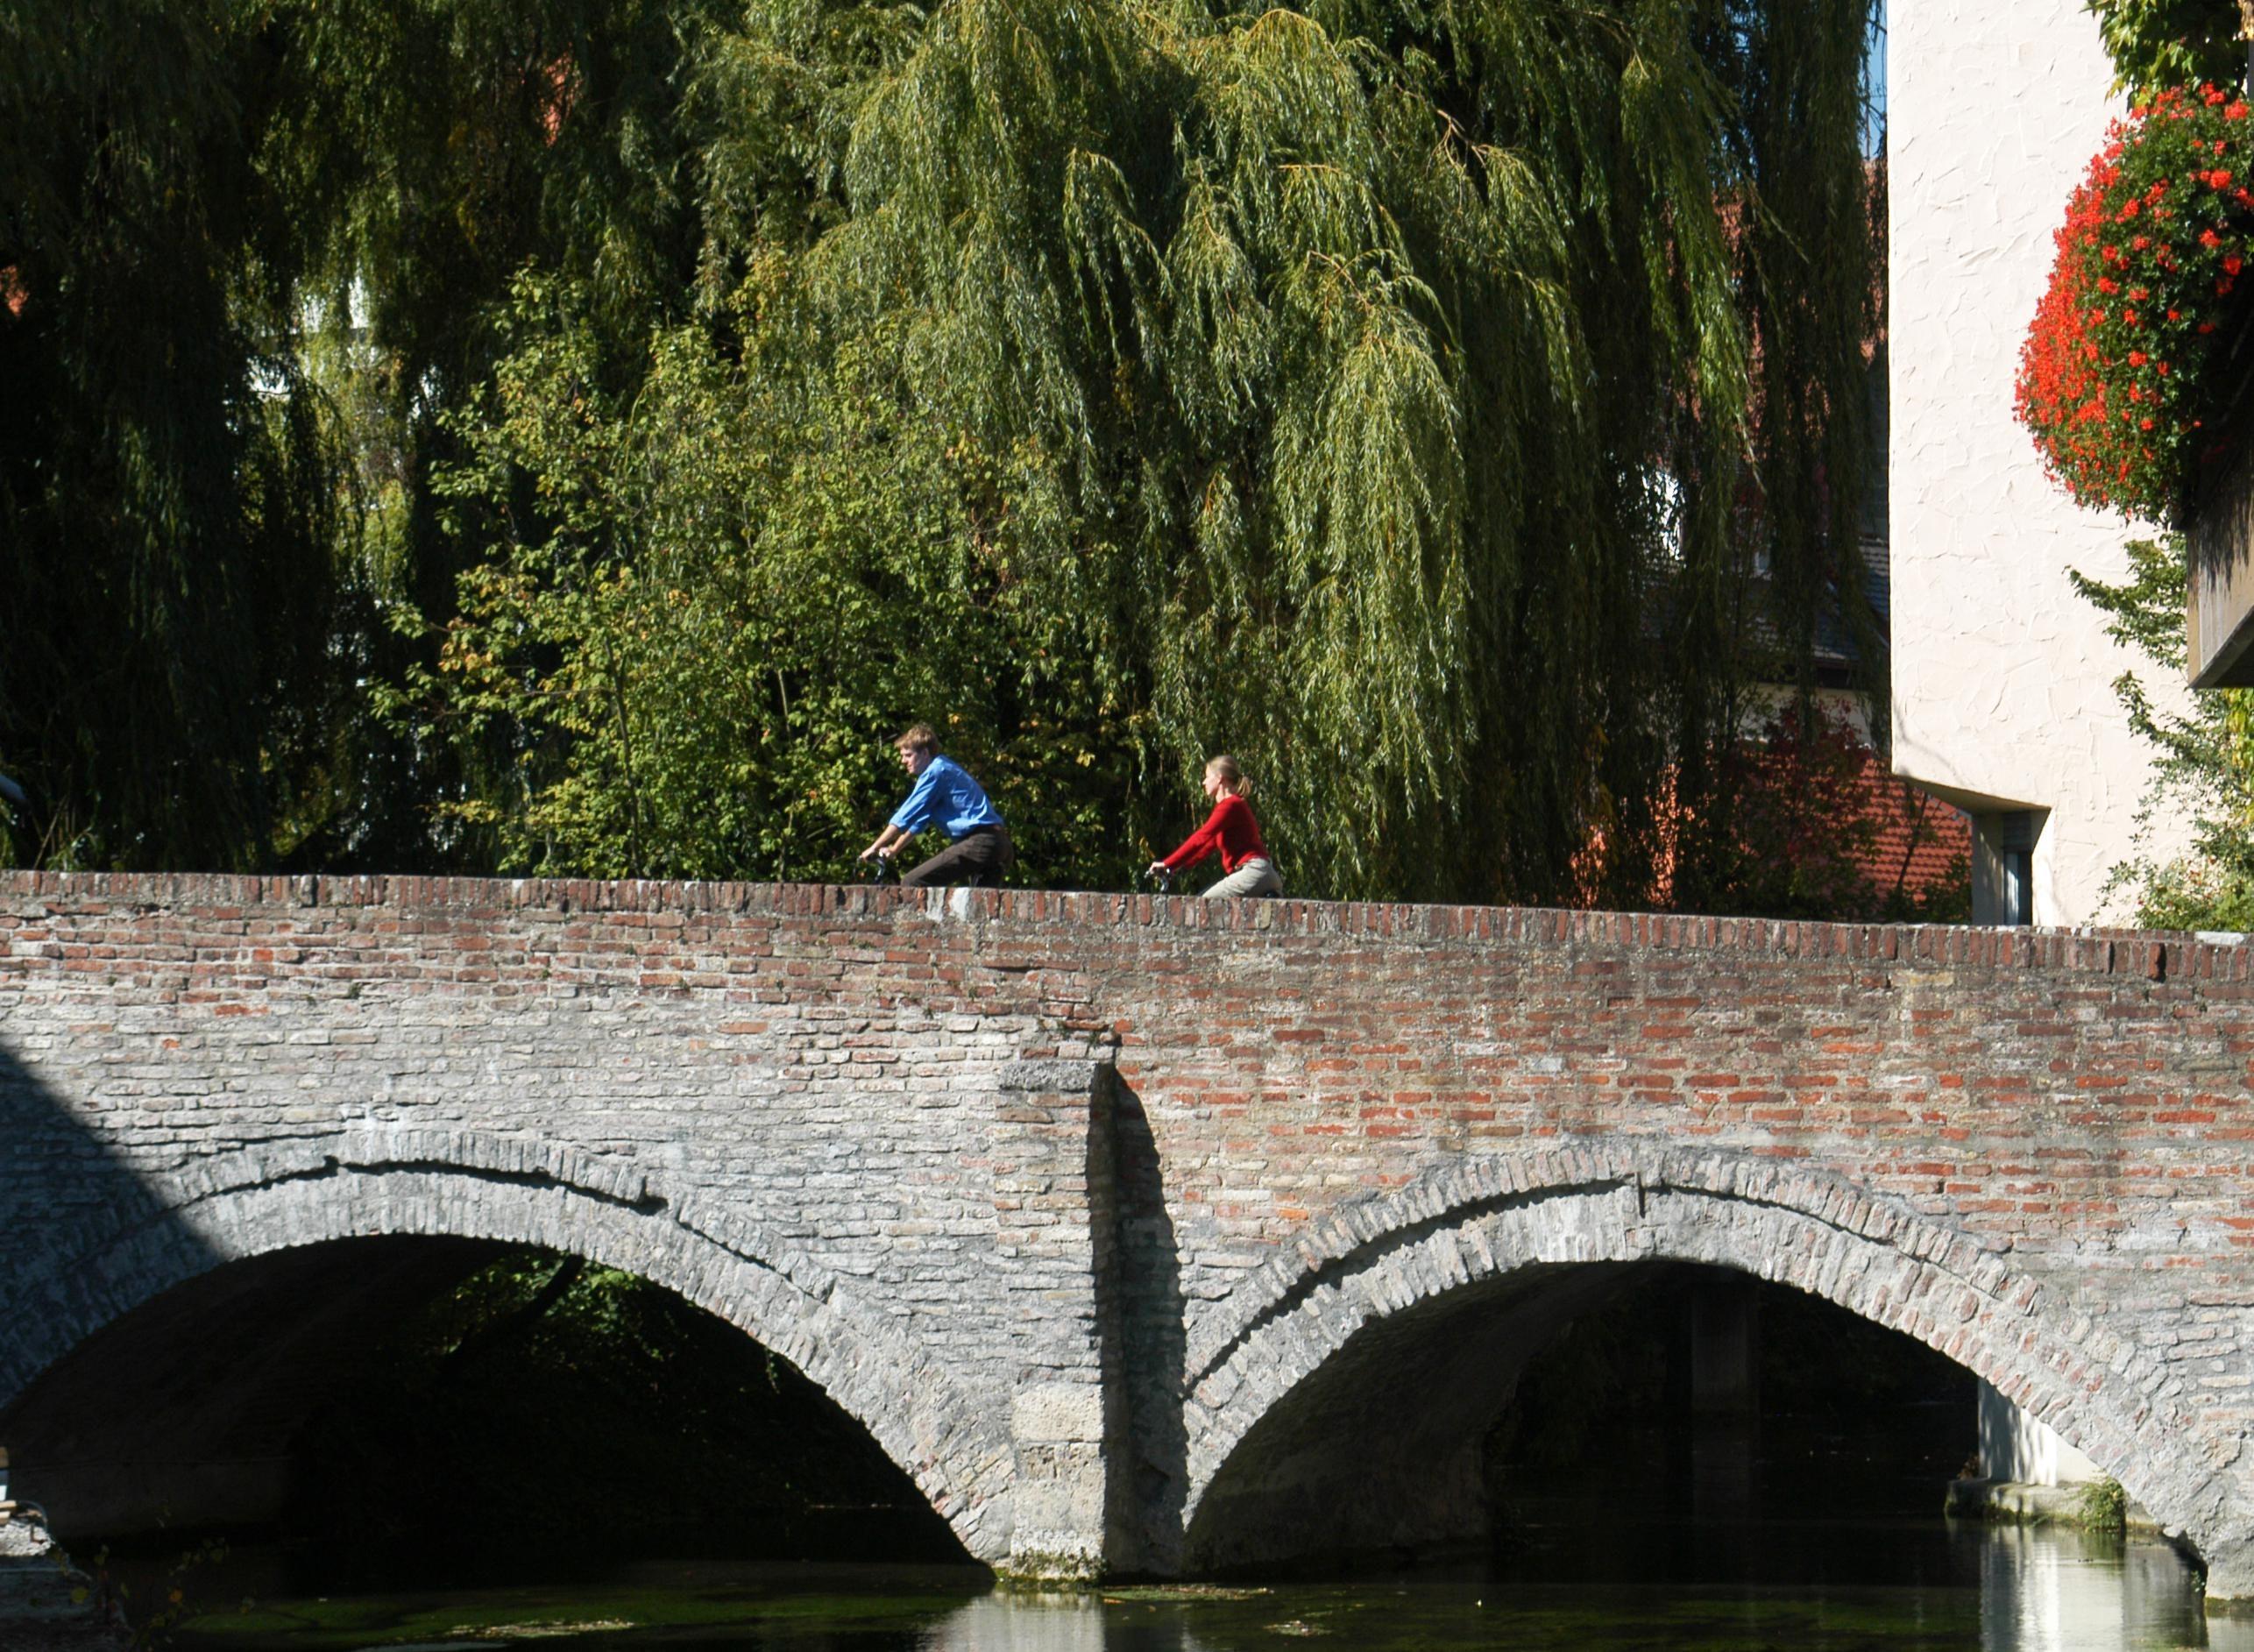 14-daagse fietsvakantie Donau op uw gemak